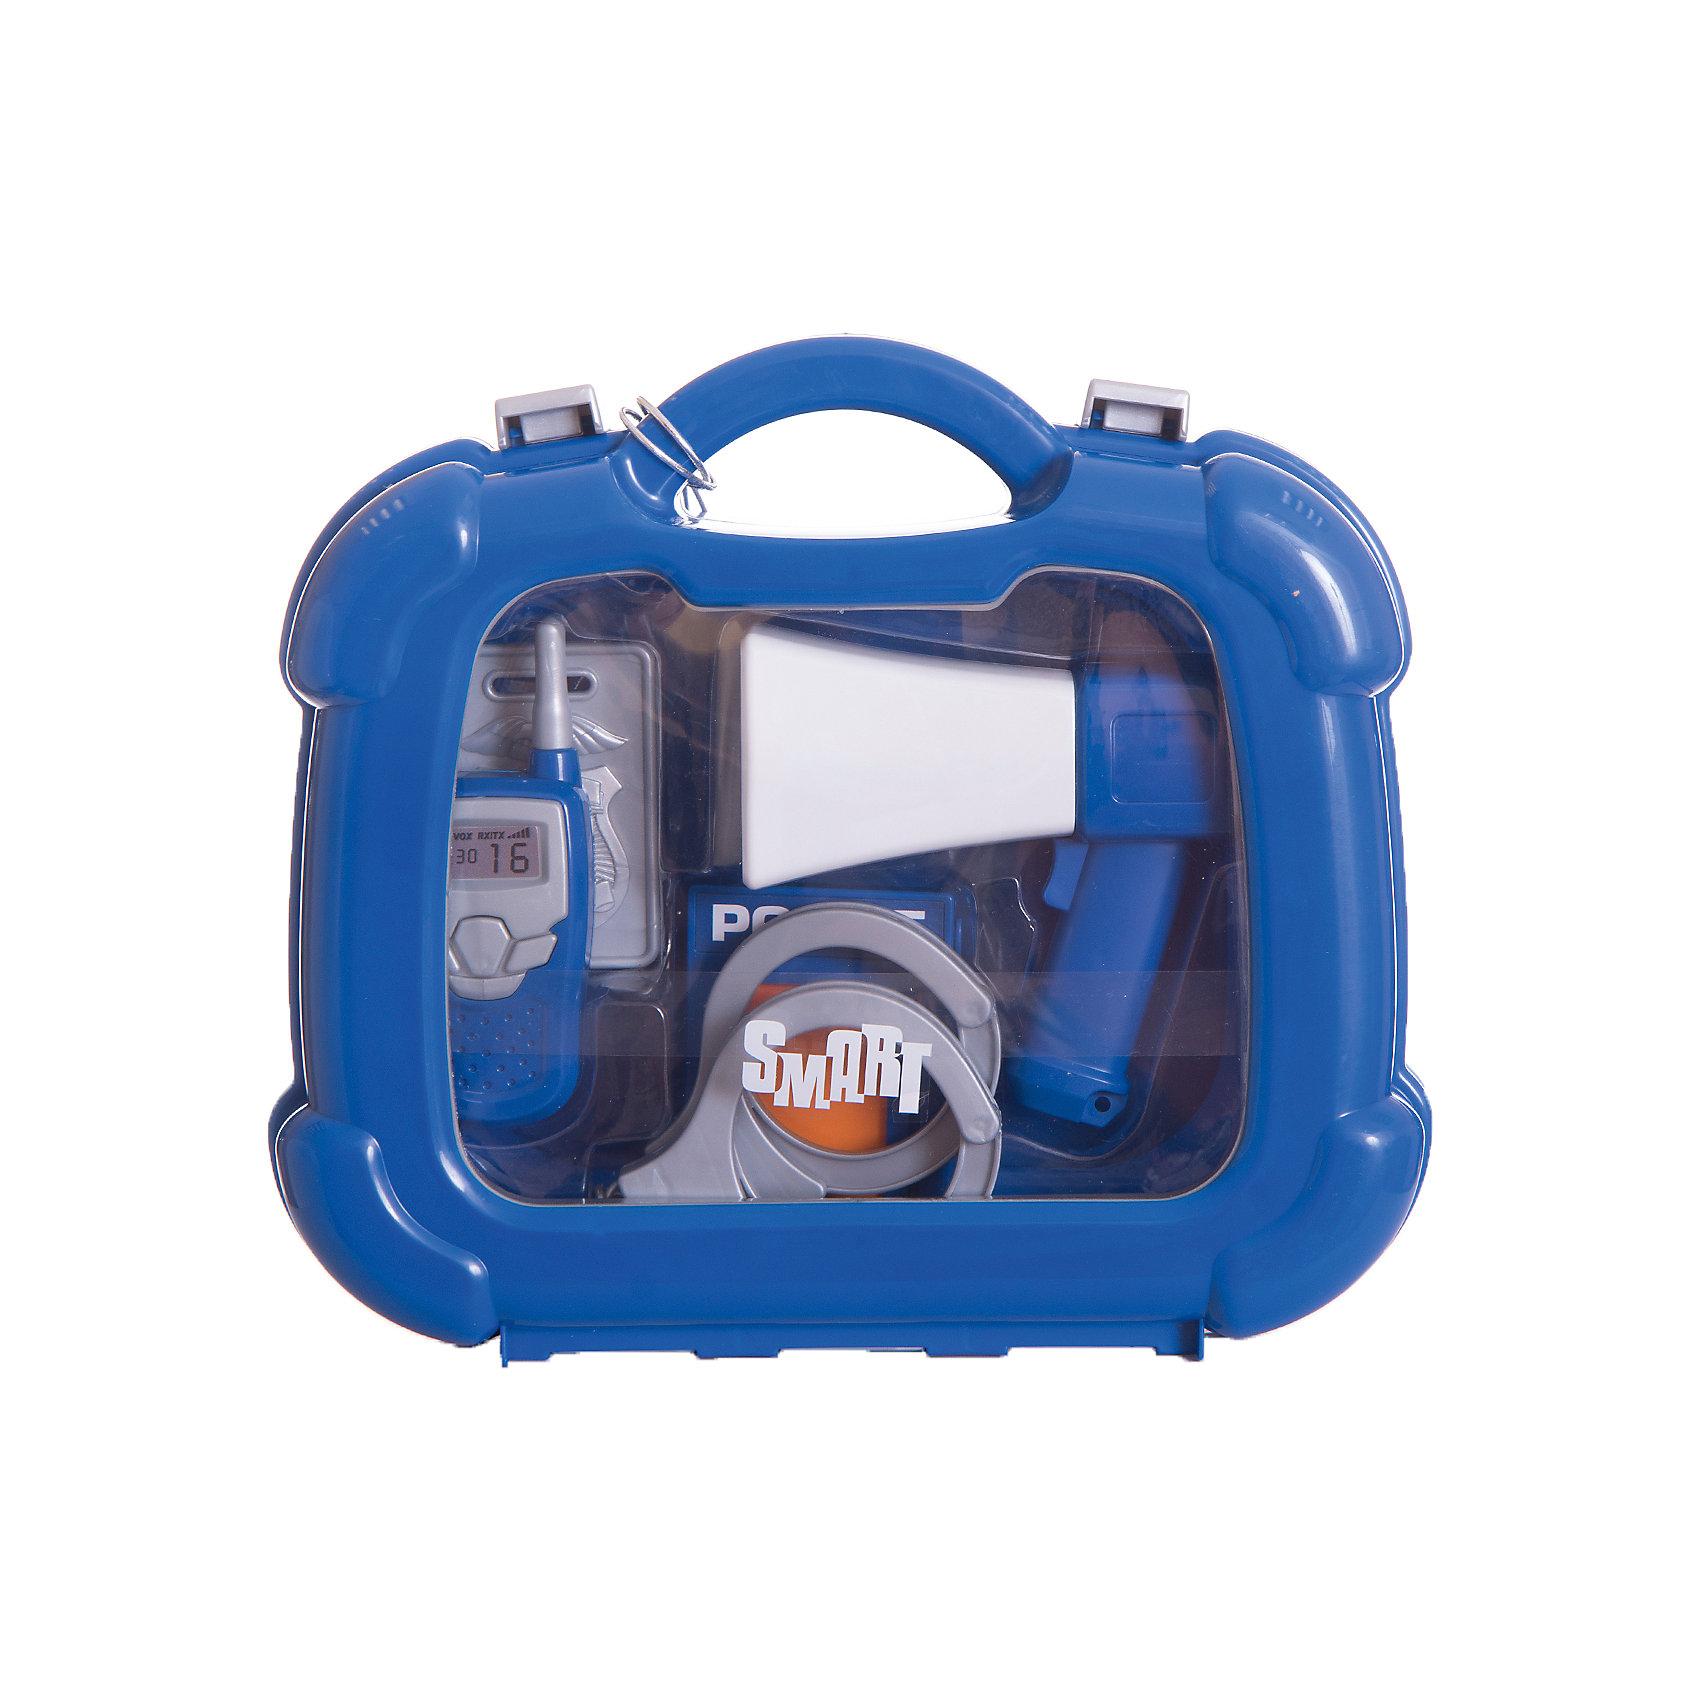 Набор полицейского в кейсе, HTIМастерская и инструменты<br>Набор полицейского в кейсе, HTI.<br><br>Характеристика: <br><br>• Материал: пластик. <br>• Размер упаковки: 28x24,4x8,5 см. <br>• Комплектация: наручники, жетон, лента, фонарик, рация, рупор. <br>• Удобные застежки. <br>• Ручка для переноски. <br>• Реалистичная детализация. <br><br>В этом наборе есть все, чтобы почувствовать себя настоящим полицейским! Все аксессуары прекрасно детализированы, изготовлены из высококачественного прочного пластика. Отличный вариант для увлекательных сюжетно-ролевых игр. <br><br>Набор полицейского в кейсе, HTI, можно купить в нашем интернет-магазине.<br><br>Ширина мм: 235<br>Глубина мм: 250<br>Высота мм: 80<br>Вес г: 400<br>Возраст от месяцев: 36<br>Возраст до месяцев: 168<br>Пол: Мужской<br>Возраст: Детский<br>SKU: 5366550